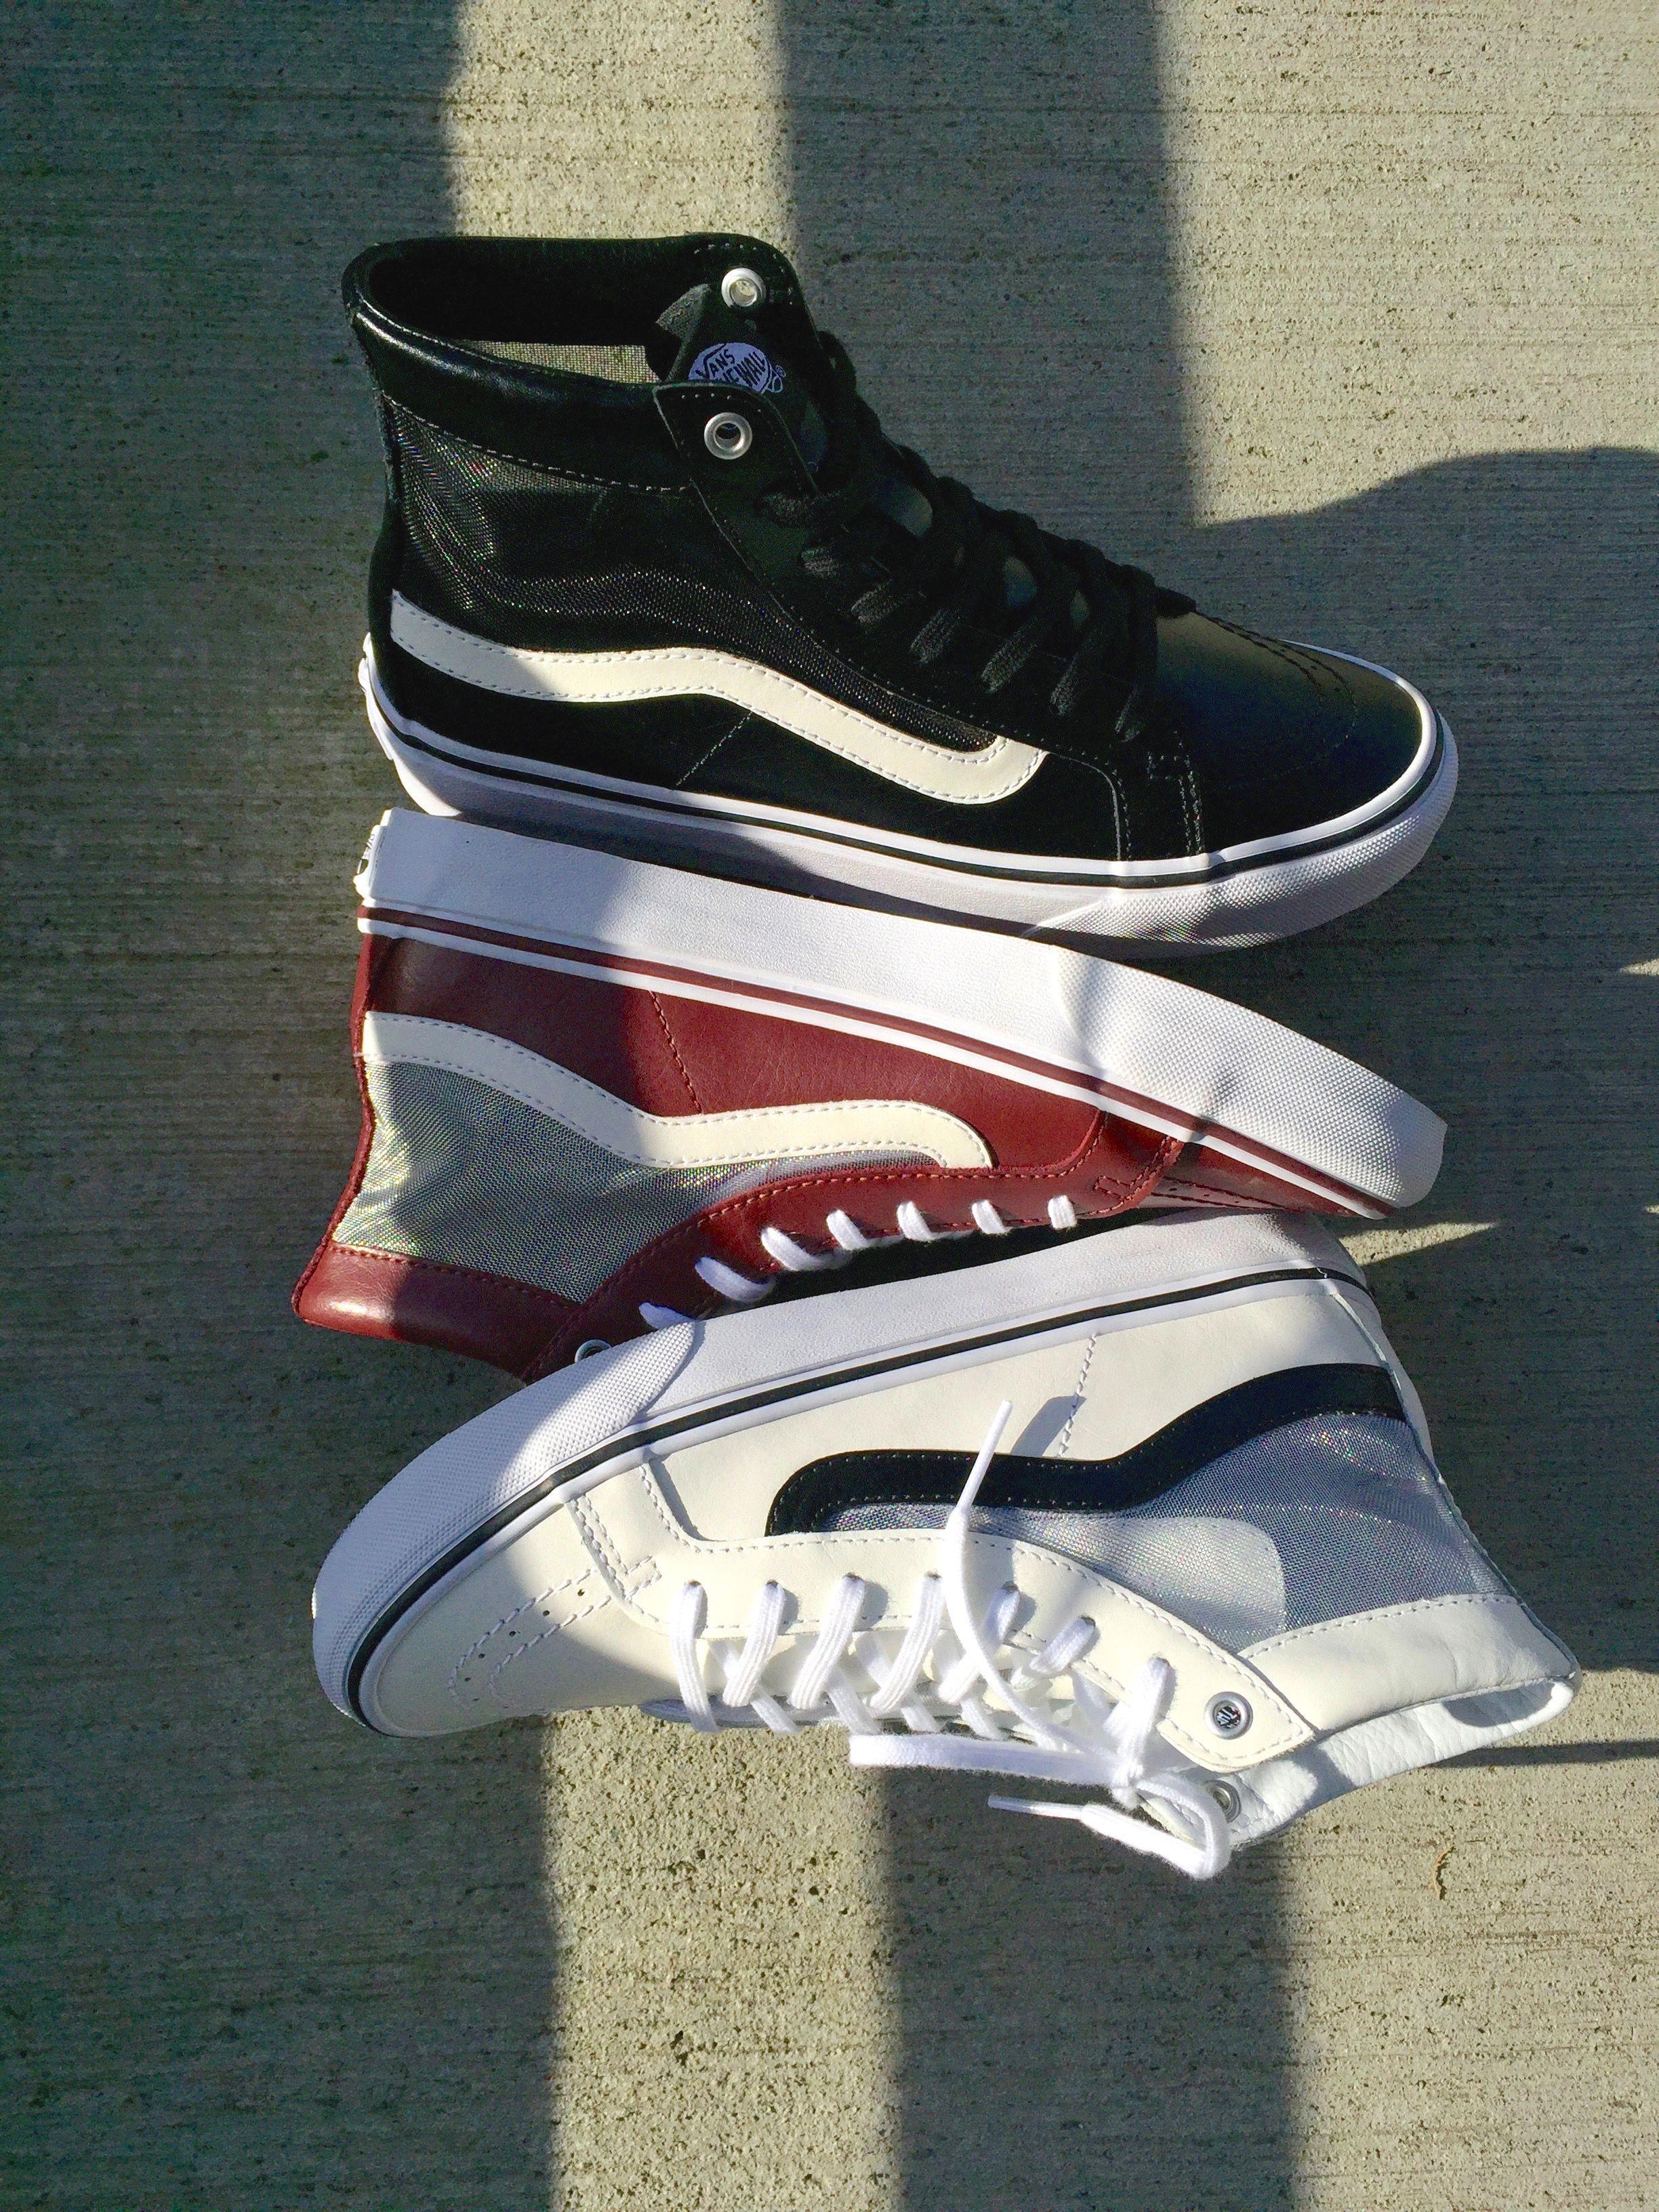 42d8d88140 Vans Sk8-Hi Slim Mesh Cutout Port Royal Shoes